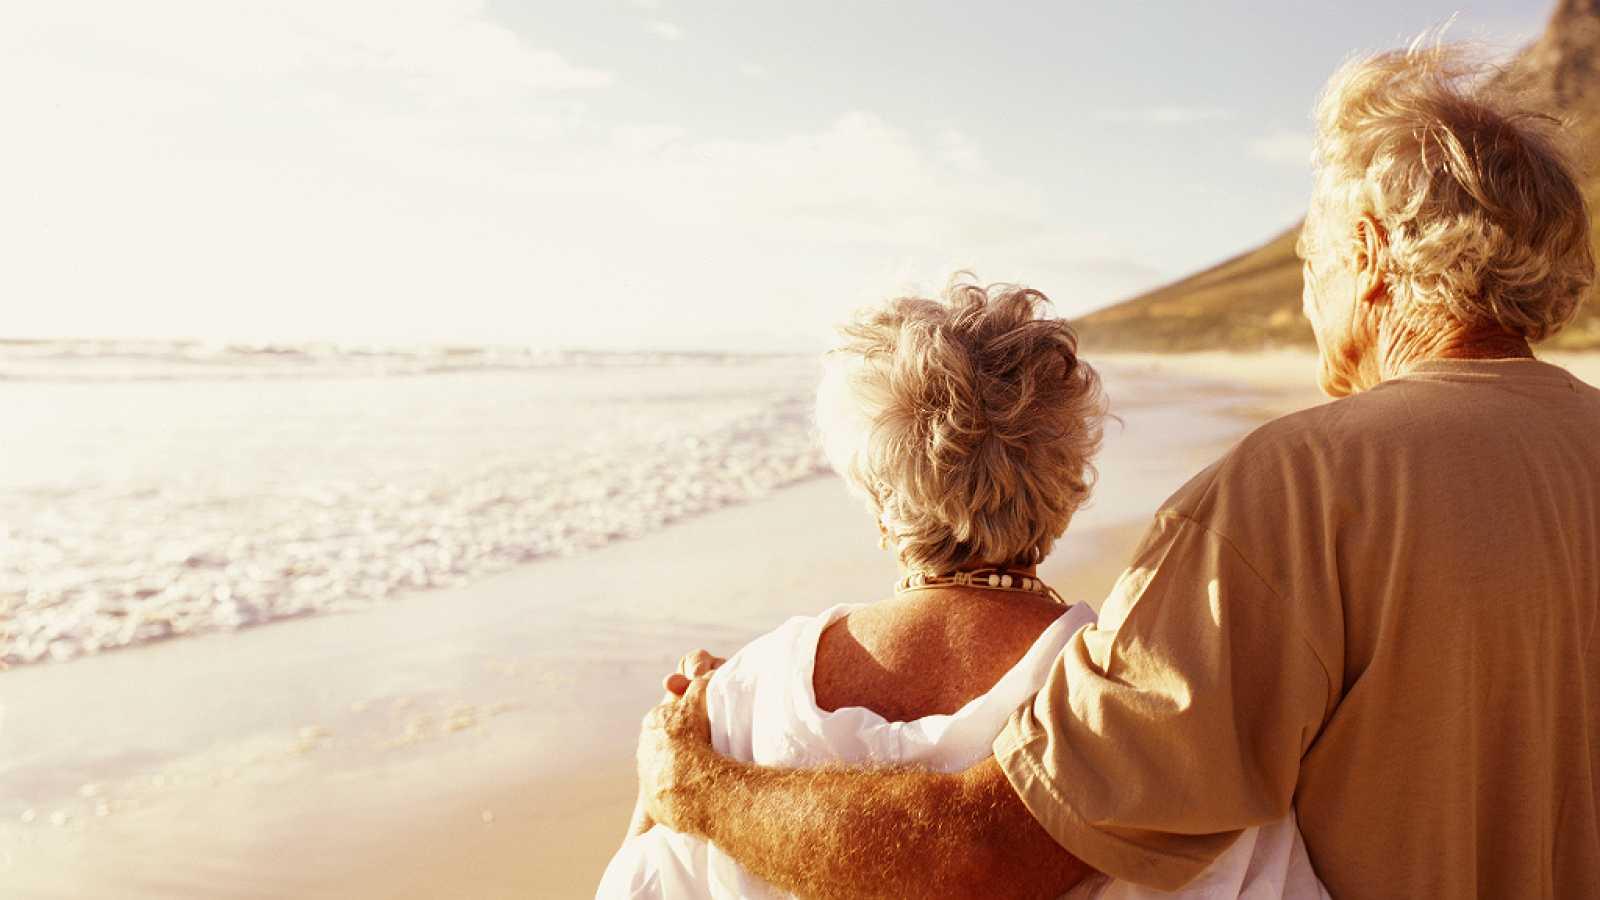 España vuelta y vuelta - ¿Sabemos envejecer de una forma saludable? - 05/09/17 - Escuchar ahora